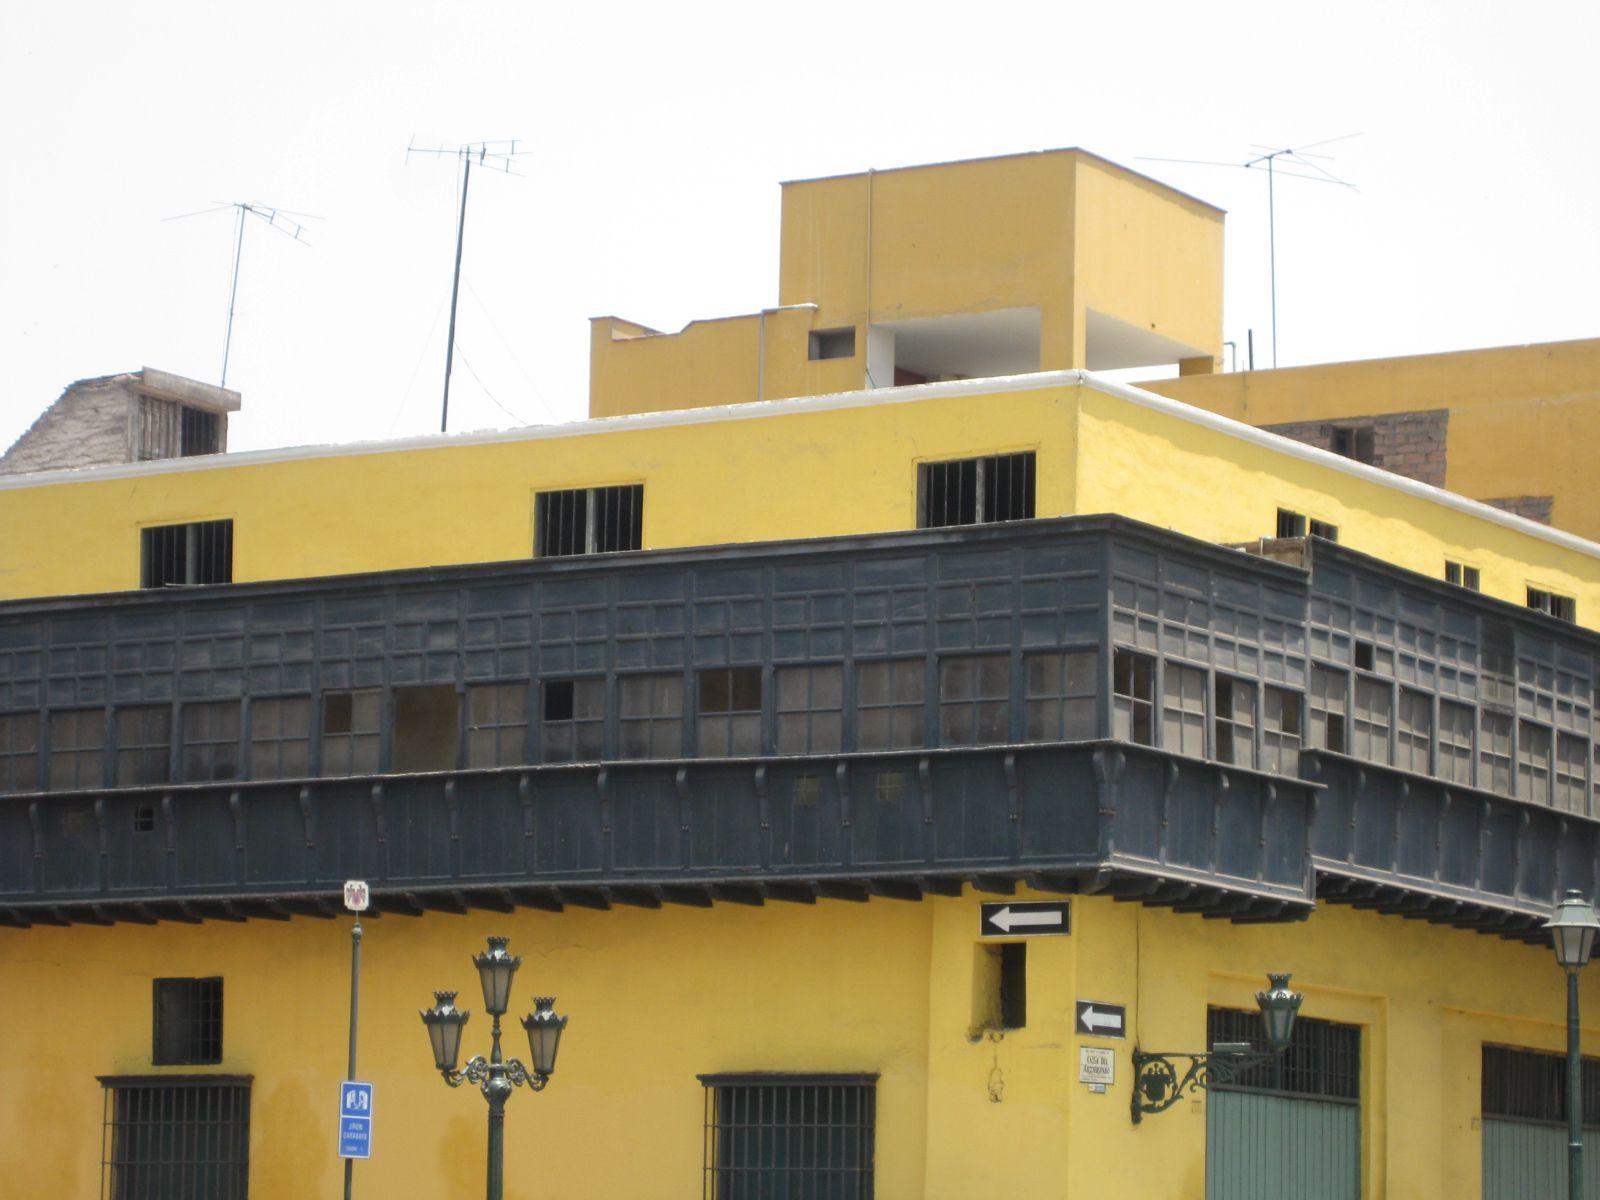 Las casonas m s destacadas del centro de lima for Centro de salud ciudad jardin badajoz